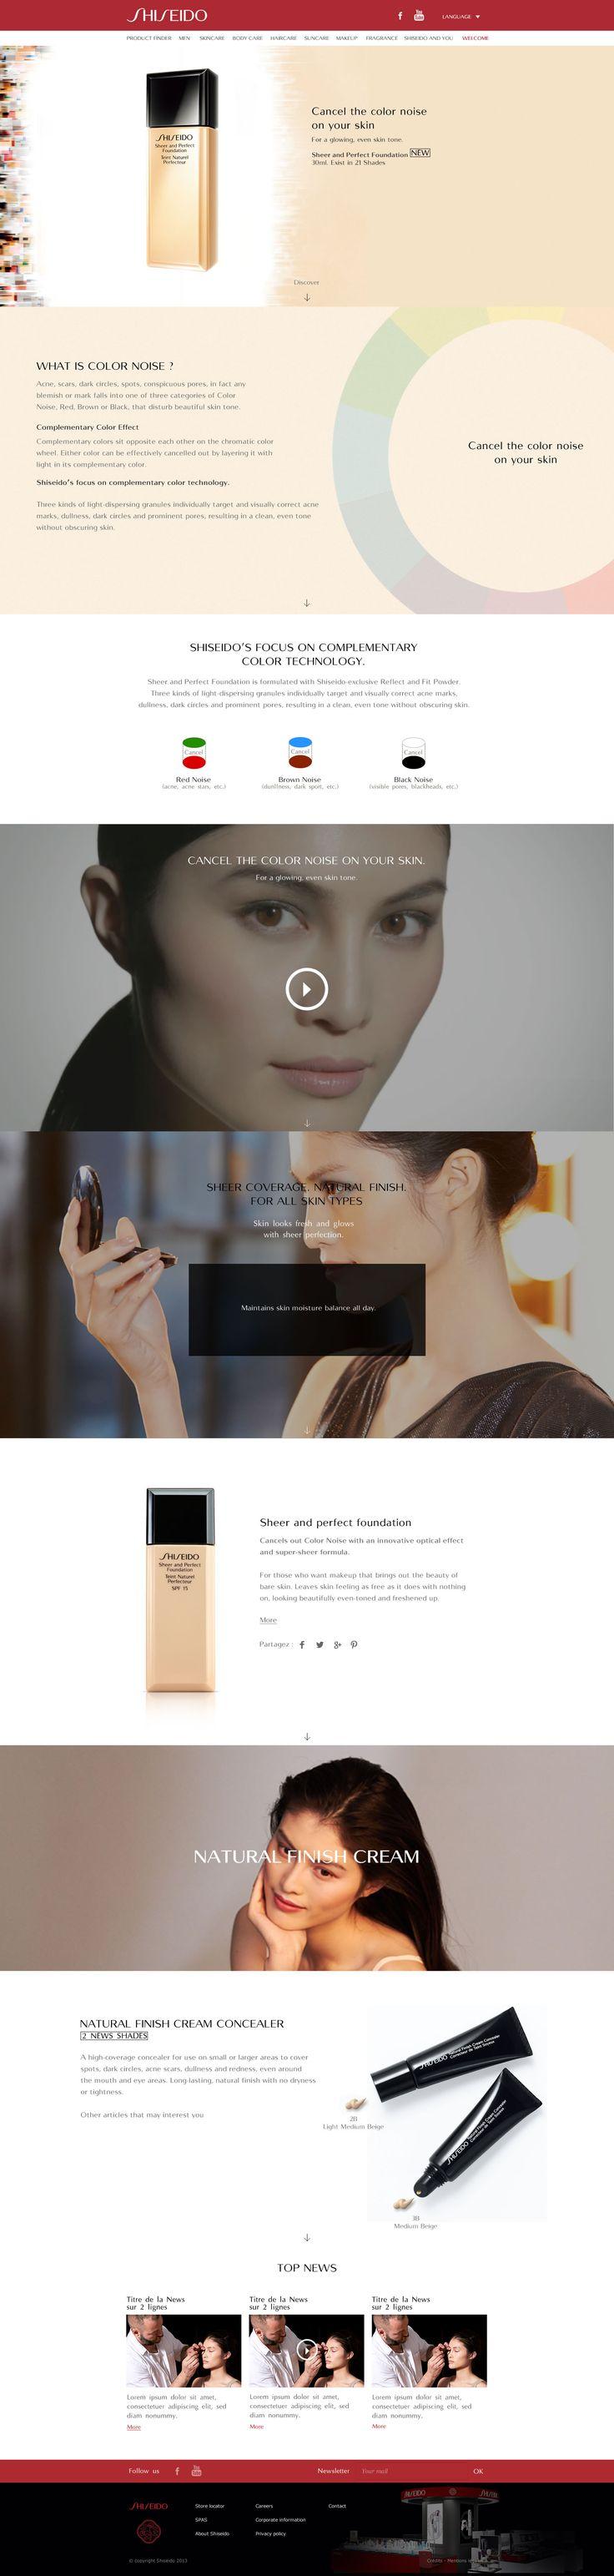 """Direction Artistique & Création d'un mini-site """"MS Foundation"""" en Responsive Design avec Parallaxe pour la marque """"Shiseido"""". #WebDesign #Luxe #UX Design"""